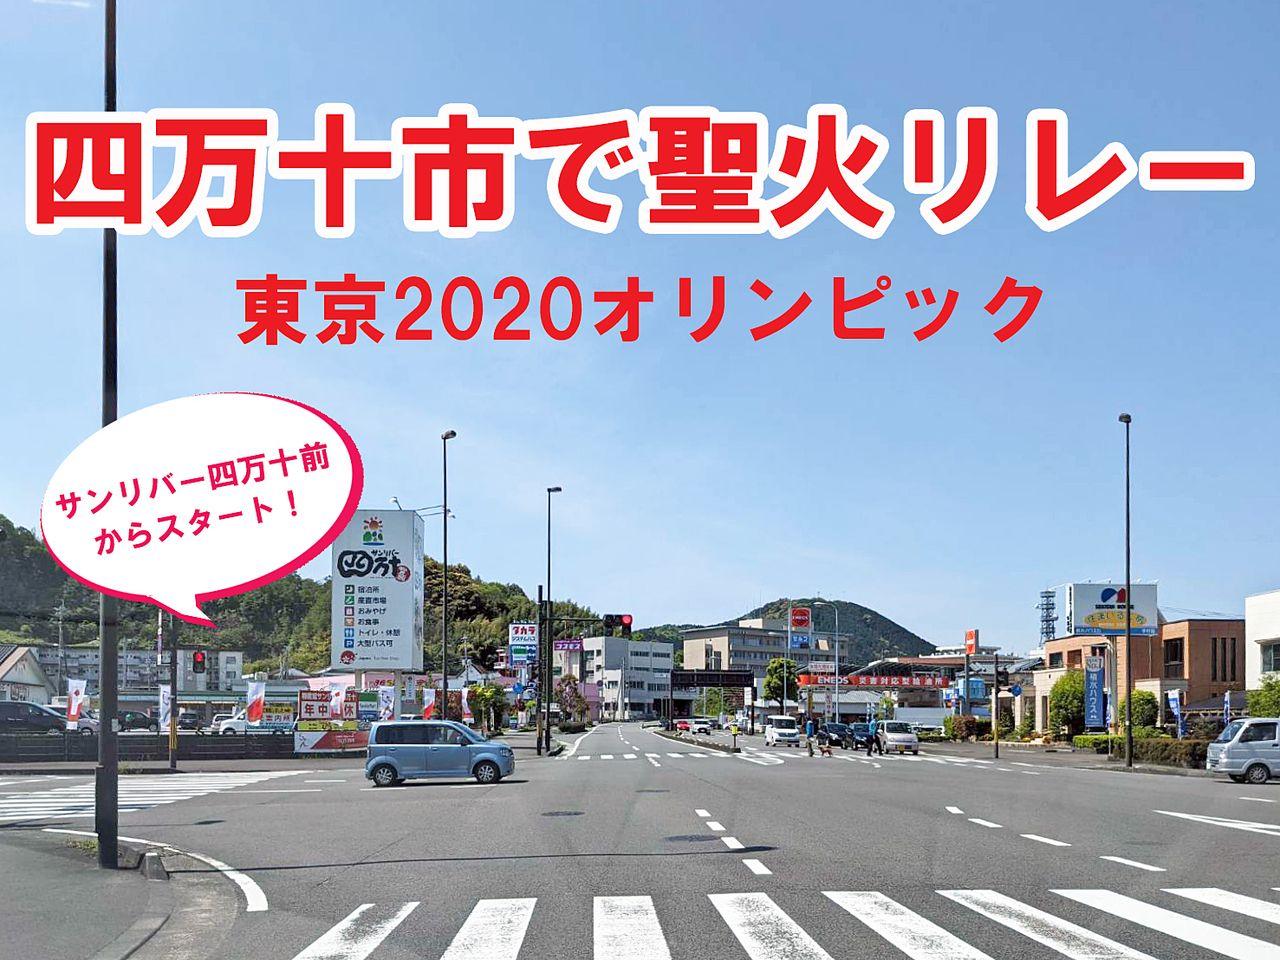 オリンピック聖火リレー in 四万十市